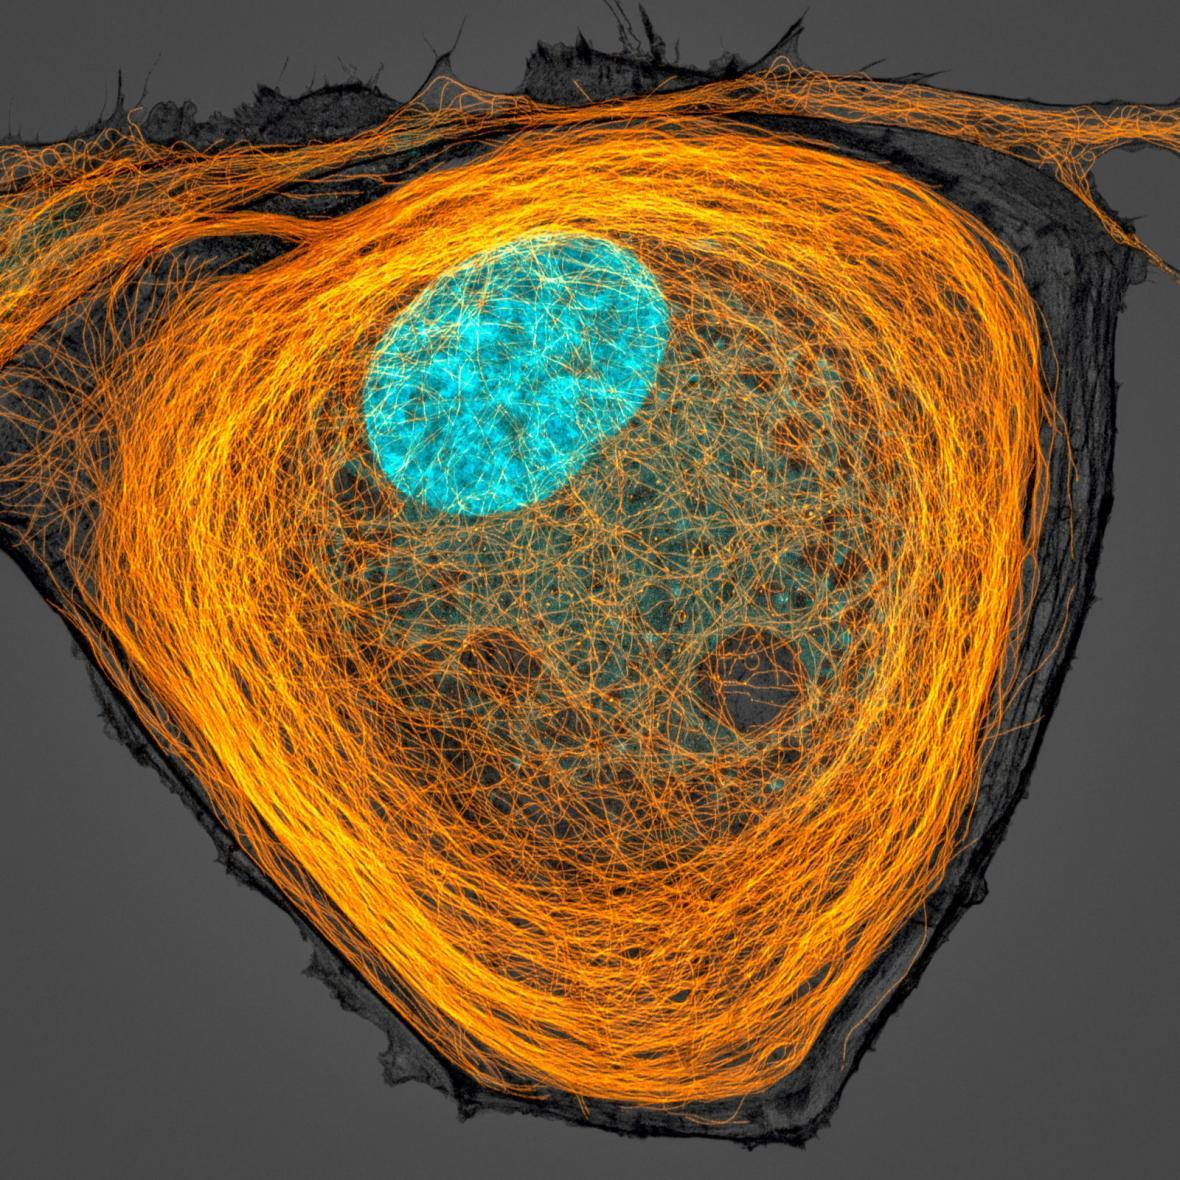 7. místo: Jason Kirk, mikrobutuly v buňce, jádro je azurově